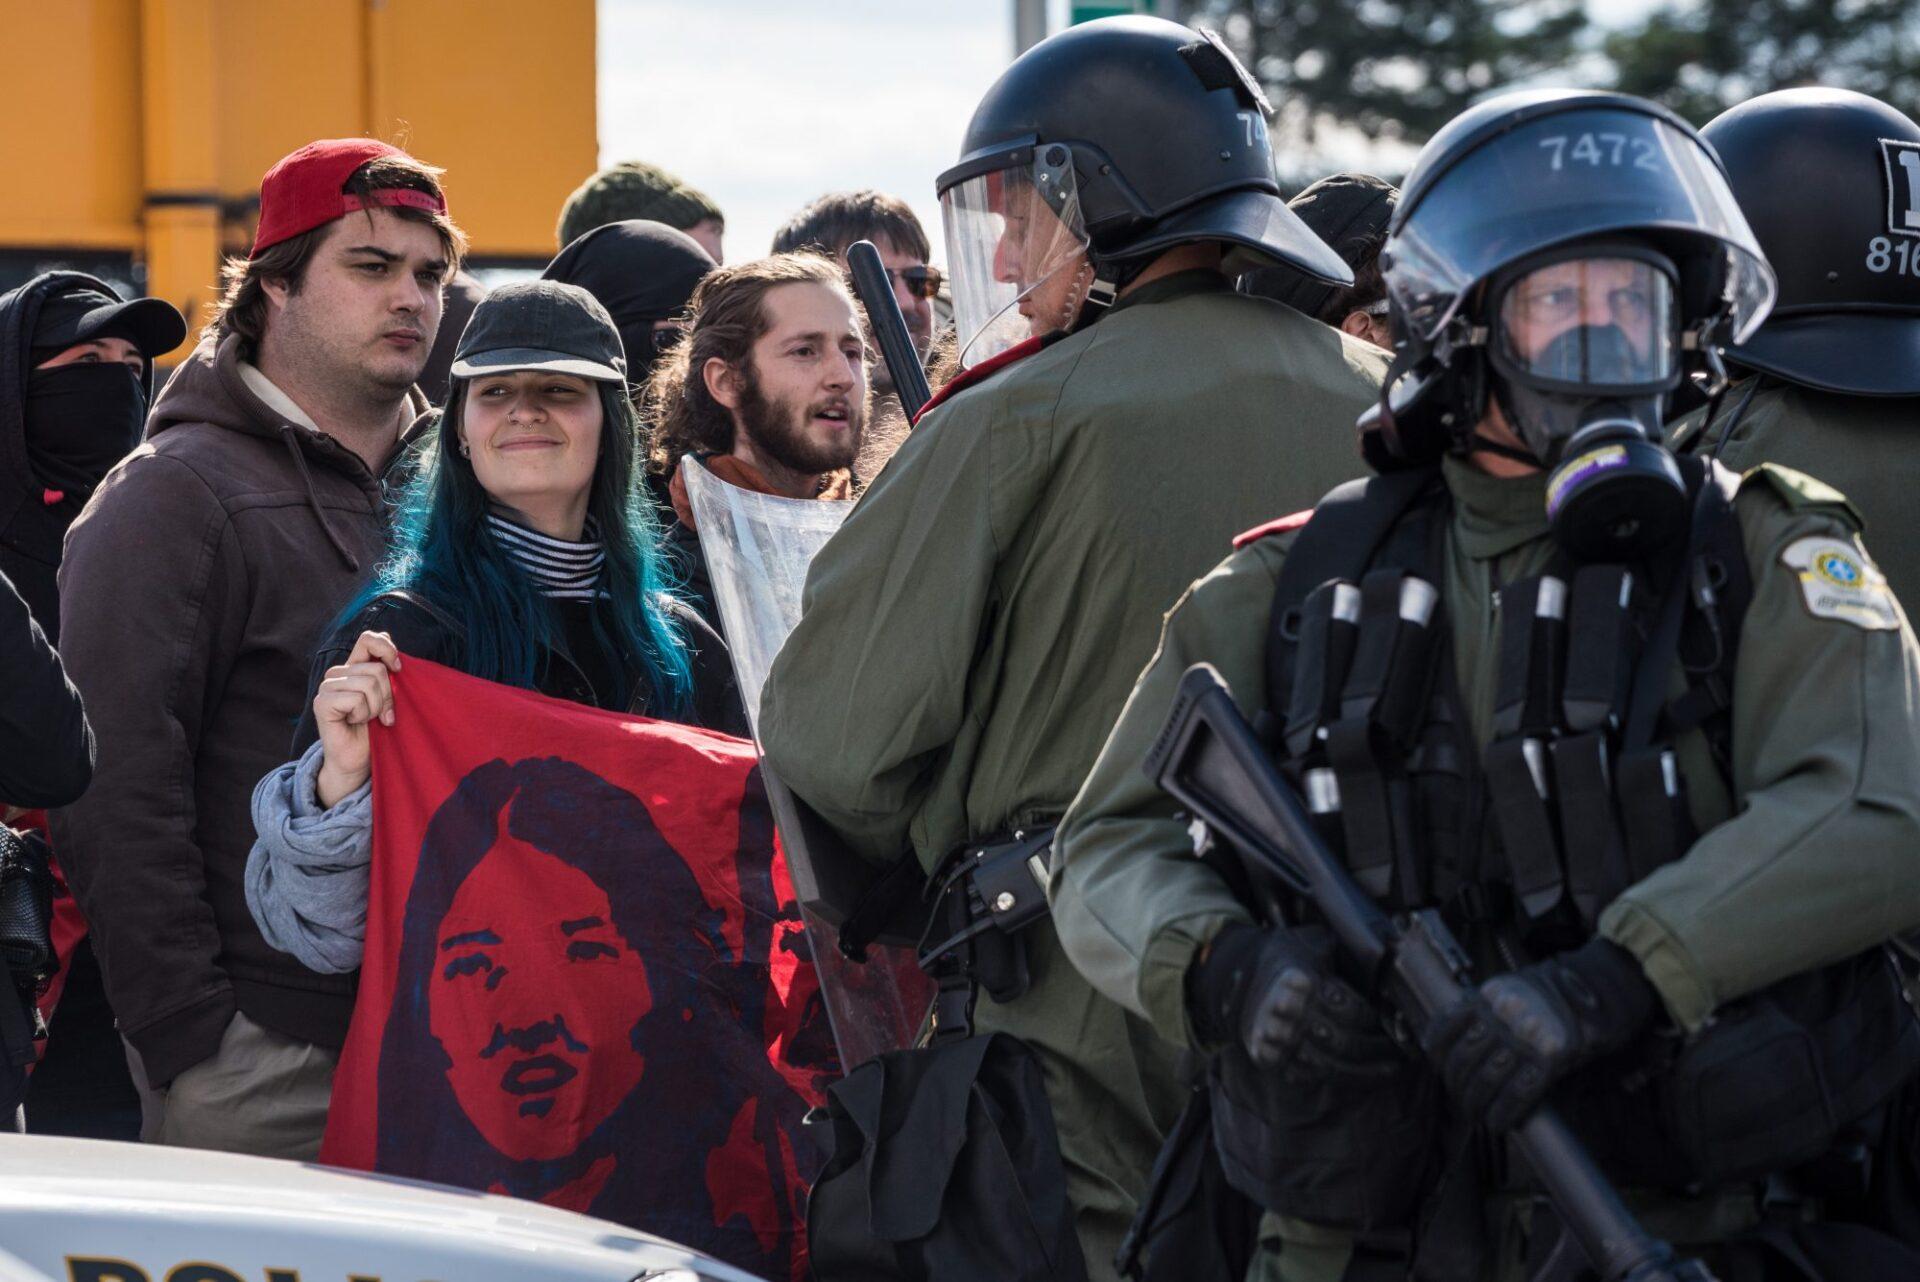 Les manifestants antifascistes ont occupé l'espace devant le camp de réfugiés et maintenu le contrôle de l'emplacement jusqu'au départ des sympathisants de Storm Alliance | Photo: Martin Ouellet-Diotte  Montréal Campus